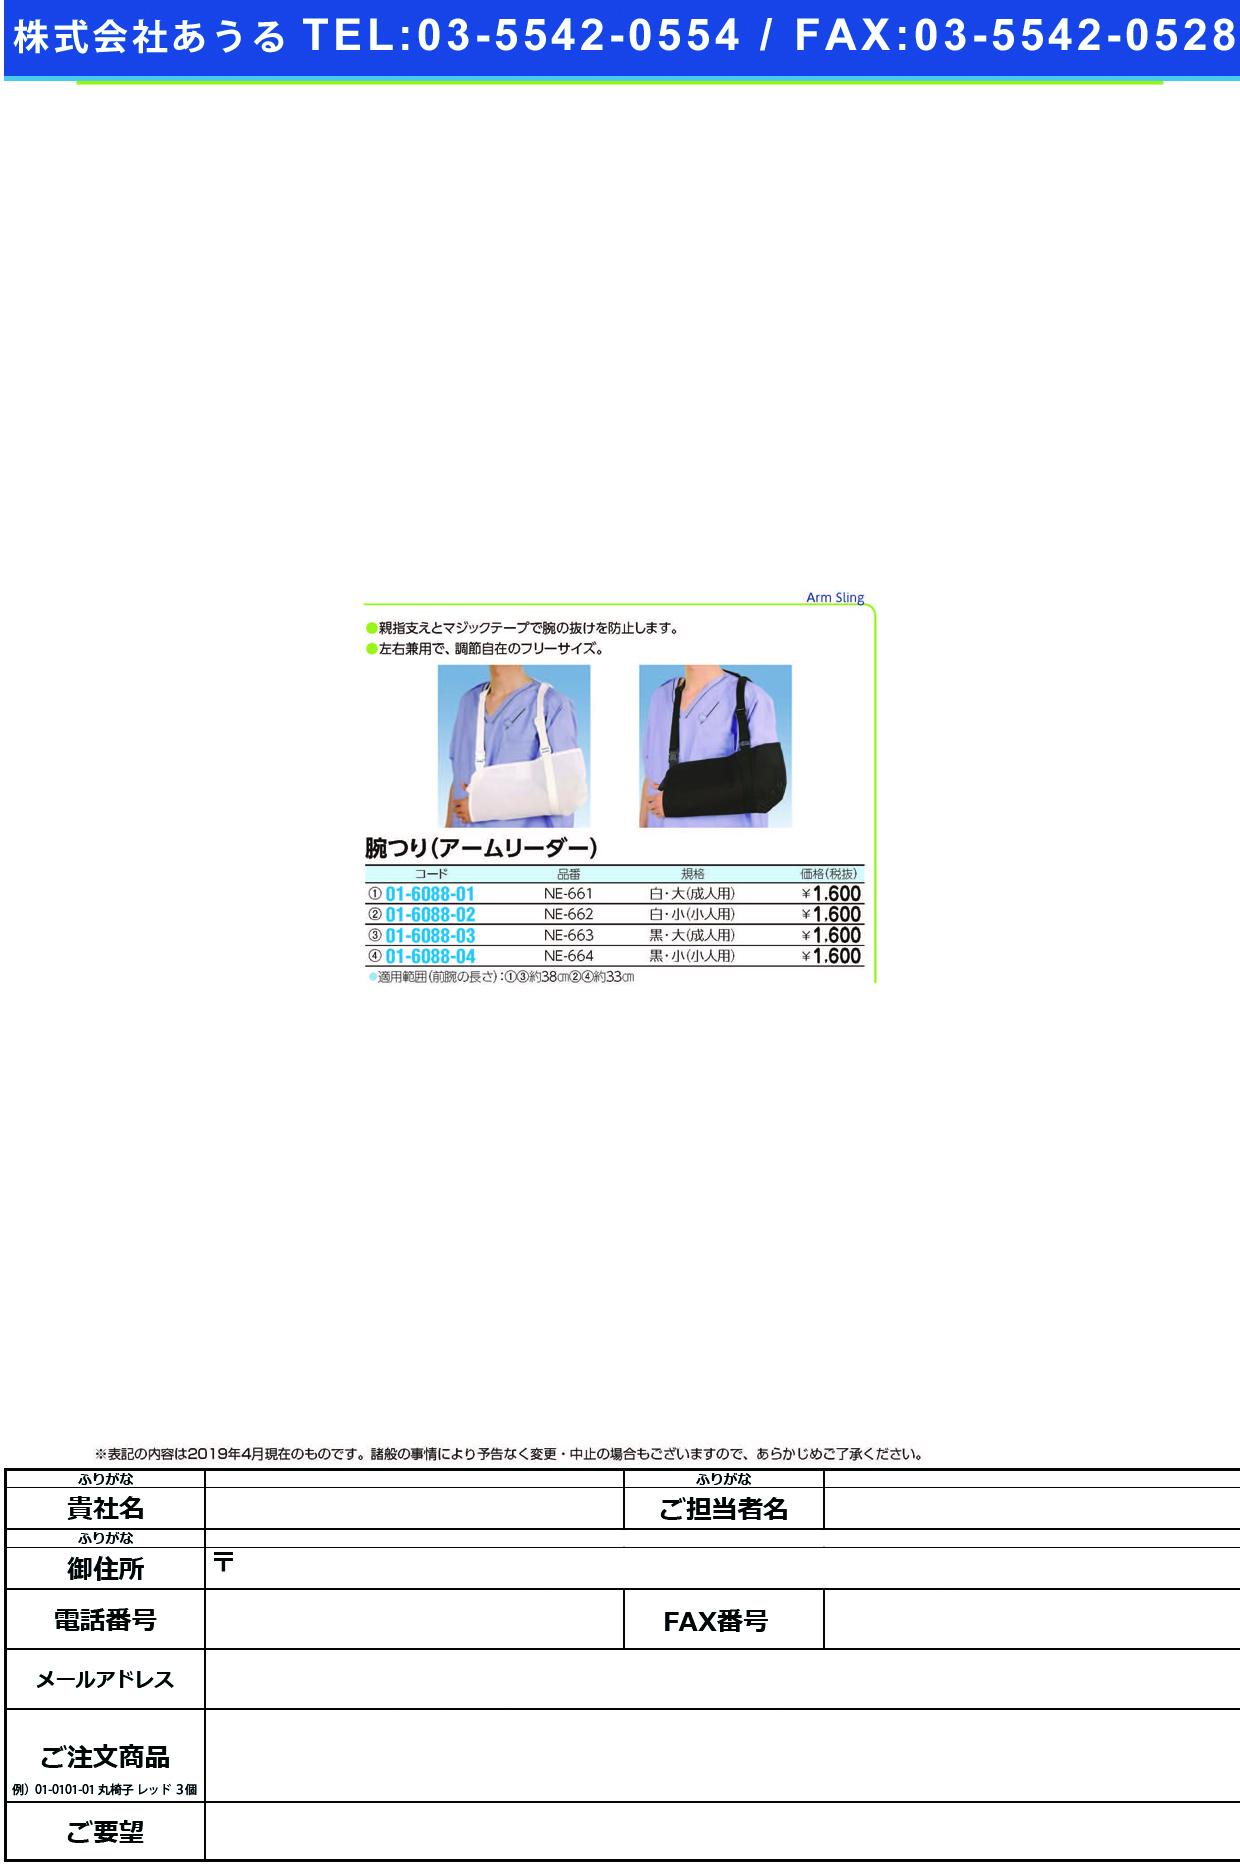 (01-6088-02)アームリーダー(白・小)小人用 NE-662 アームリーダー(シロショウ)(日本衛材)【1箱単位】【2019年カタログ商品】